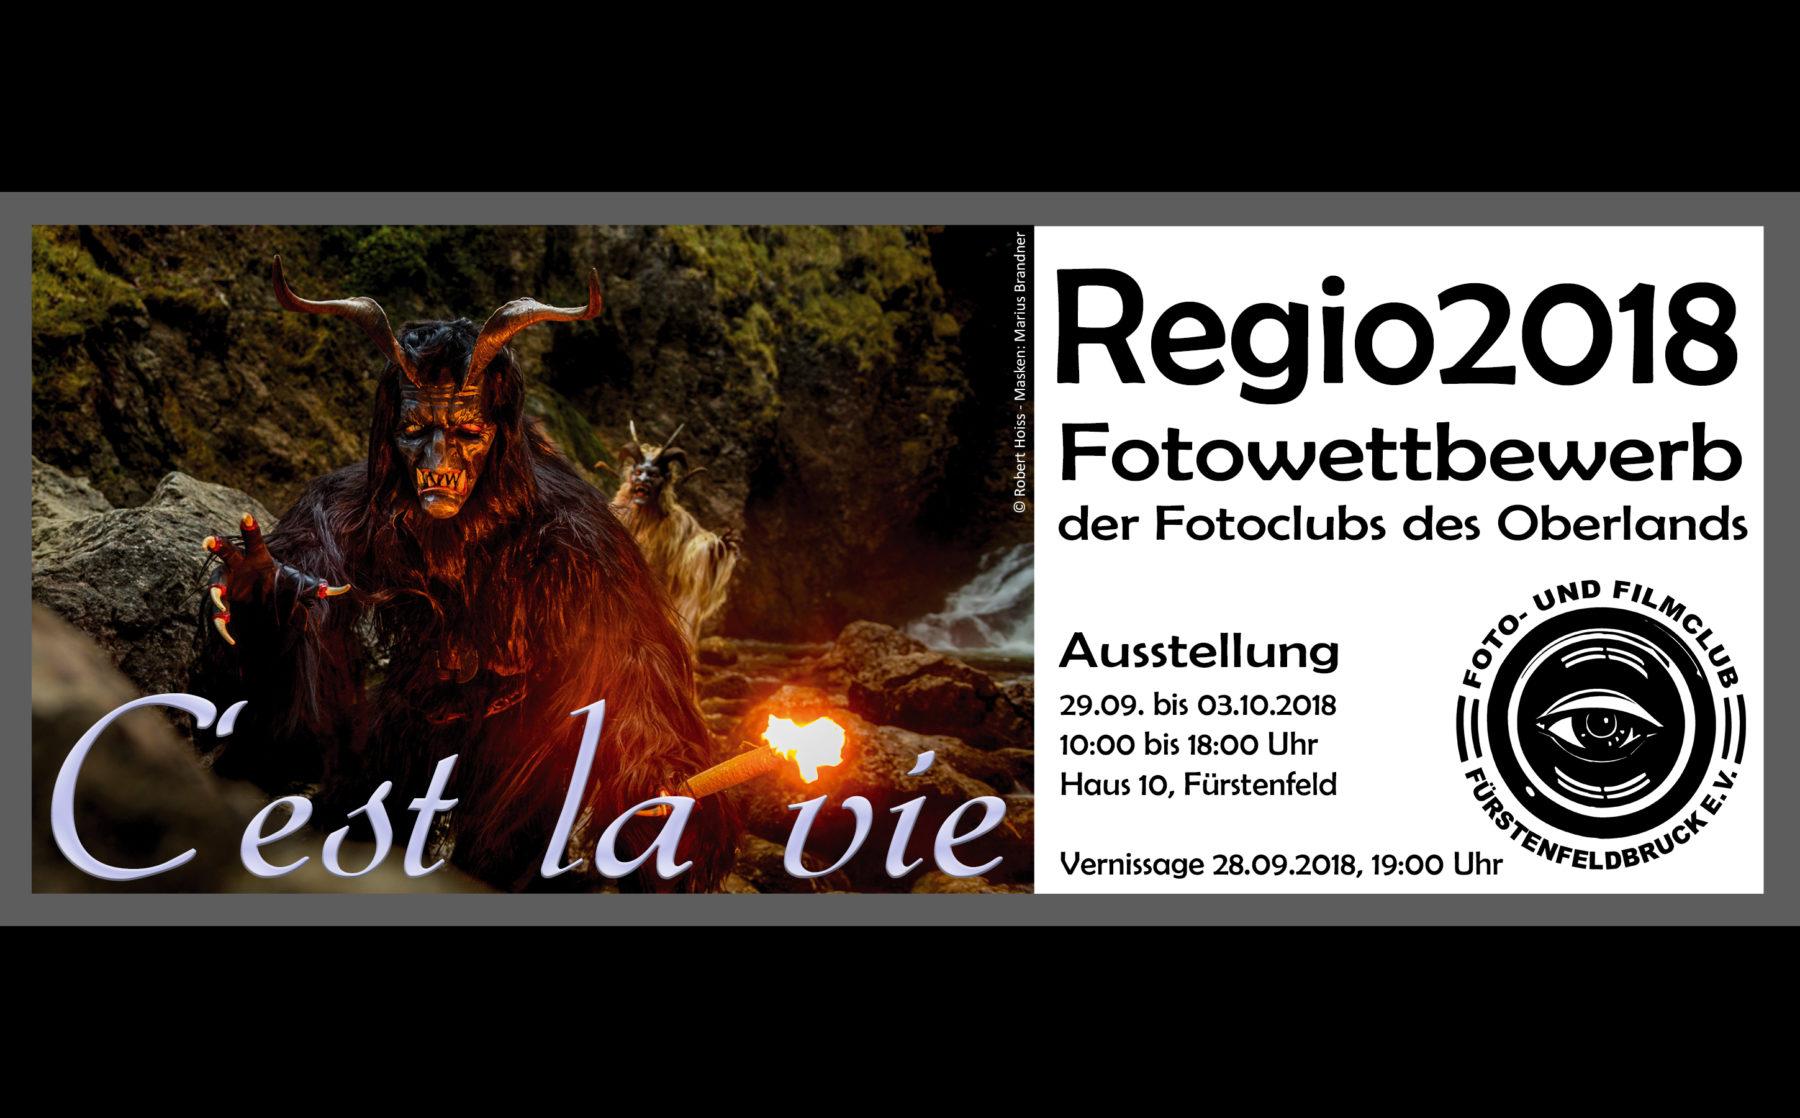 REGIO2018_Aufmacher_WebRevHorst-1800x1118.jpg